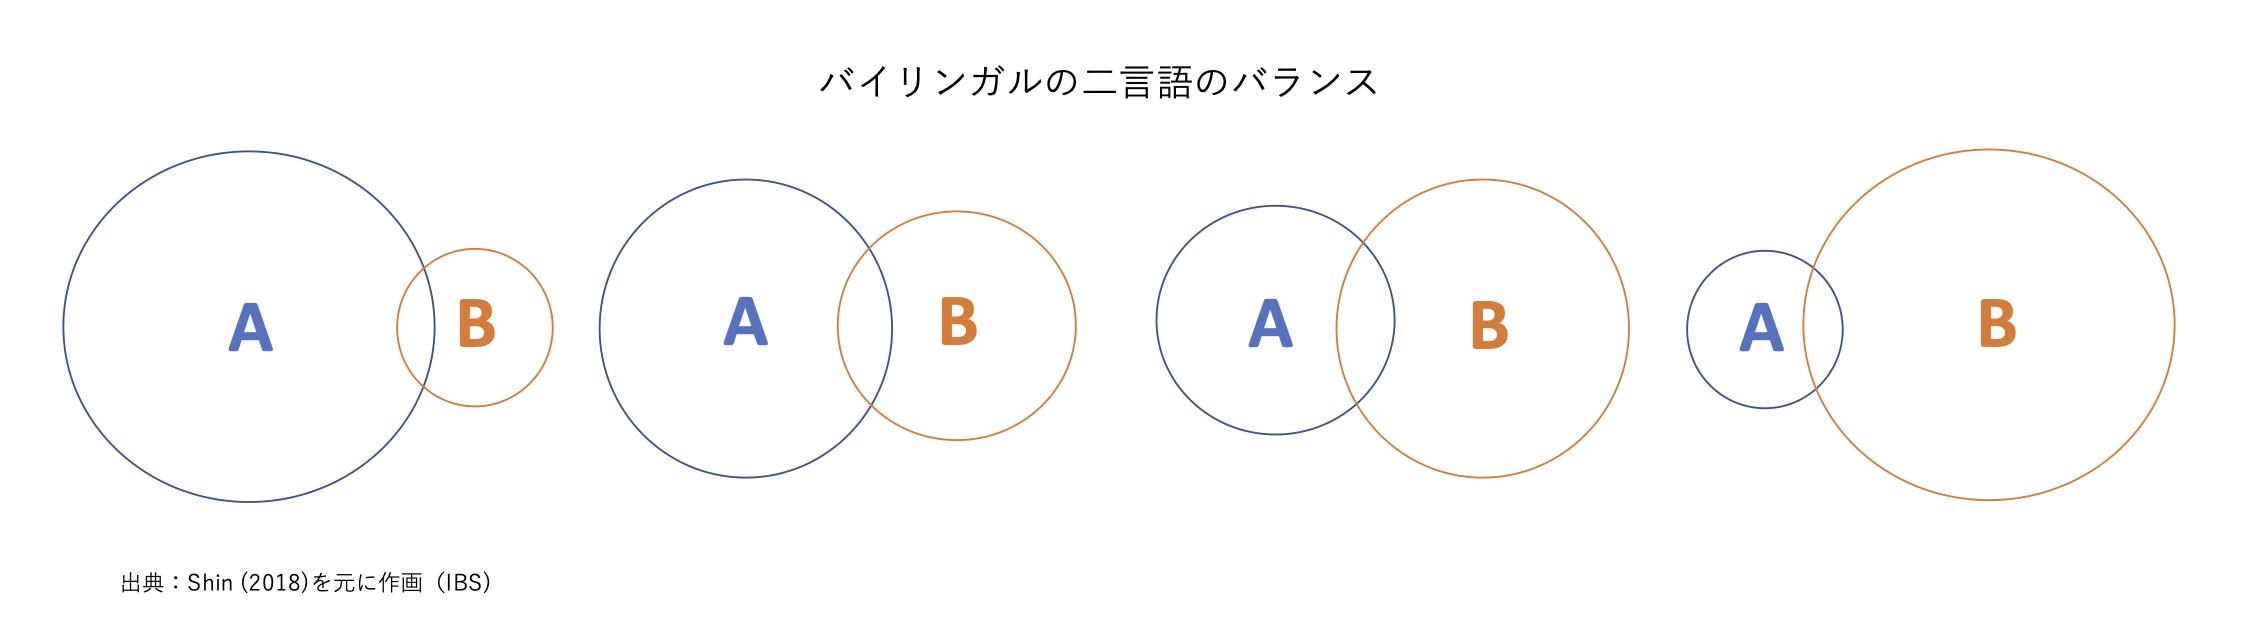 イメージ図|バイリンガルの二言語のバランス